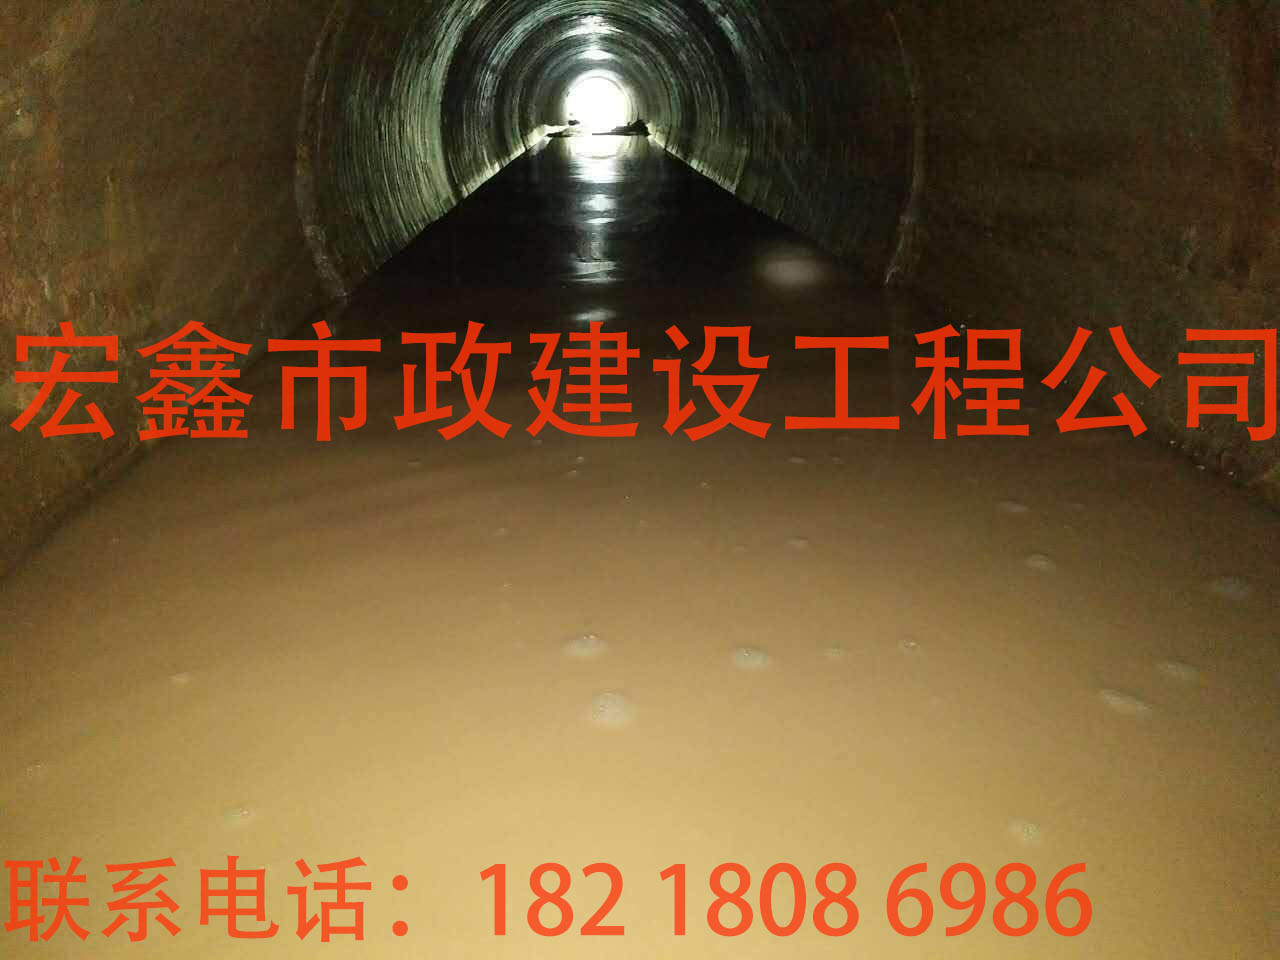 深圳污水雨水管道清淤 排水管道疏通公司 深圳管道清淤公司